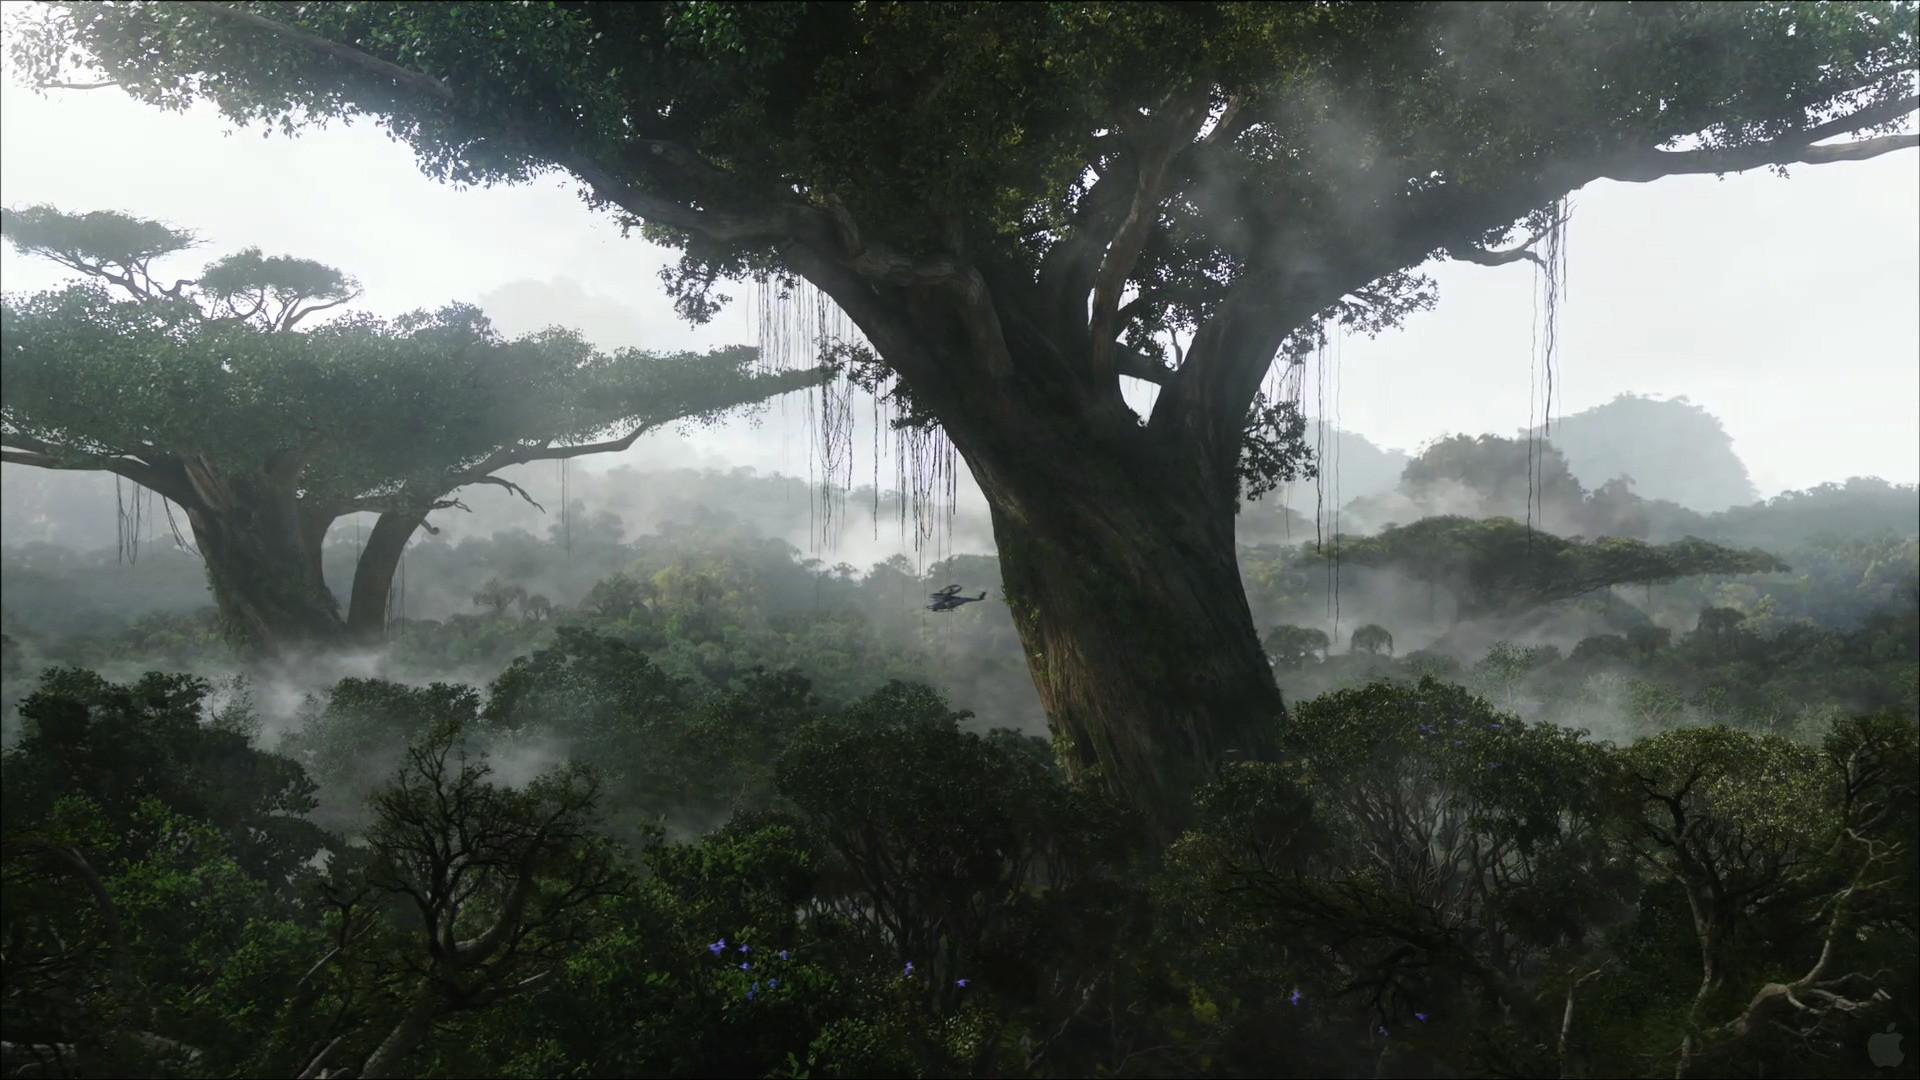 Res: 1920x1080, Rainforest-on-pandora-desktop-wallpaper-wallpaper-avatar-movie-high-res- rainforest-pandora-desktop-Pandora-Forest.jpg